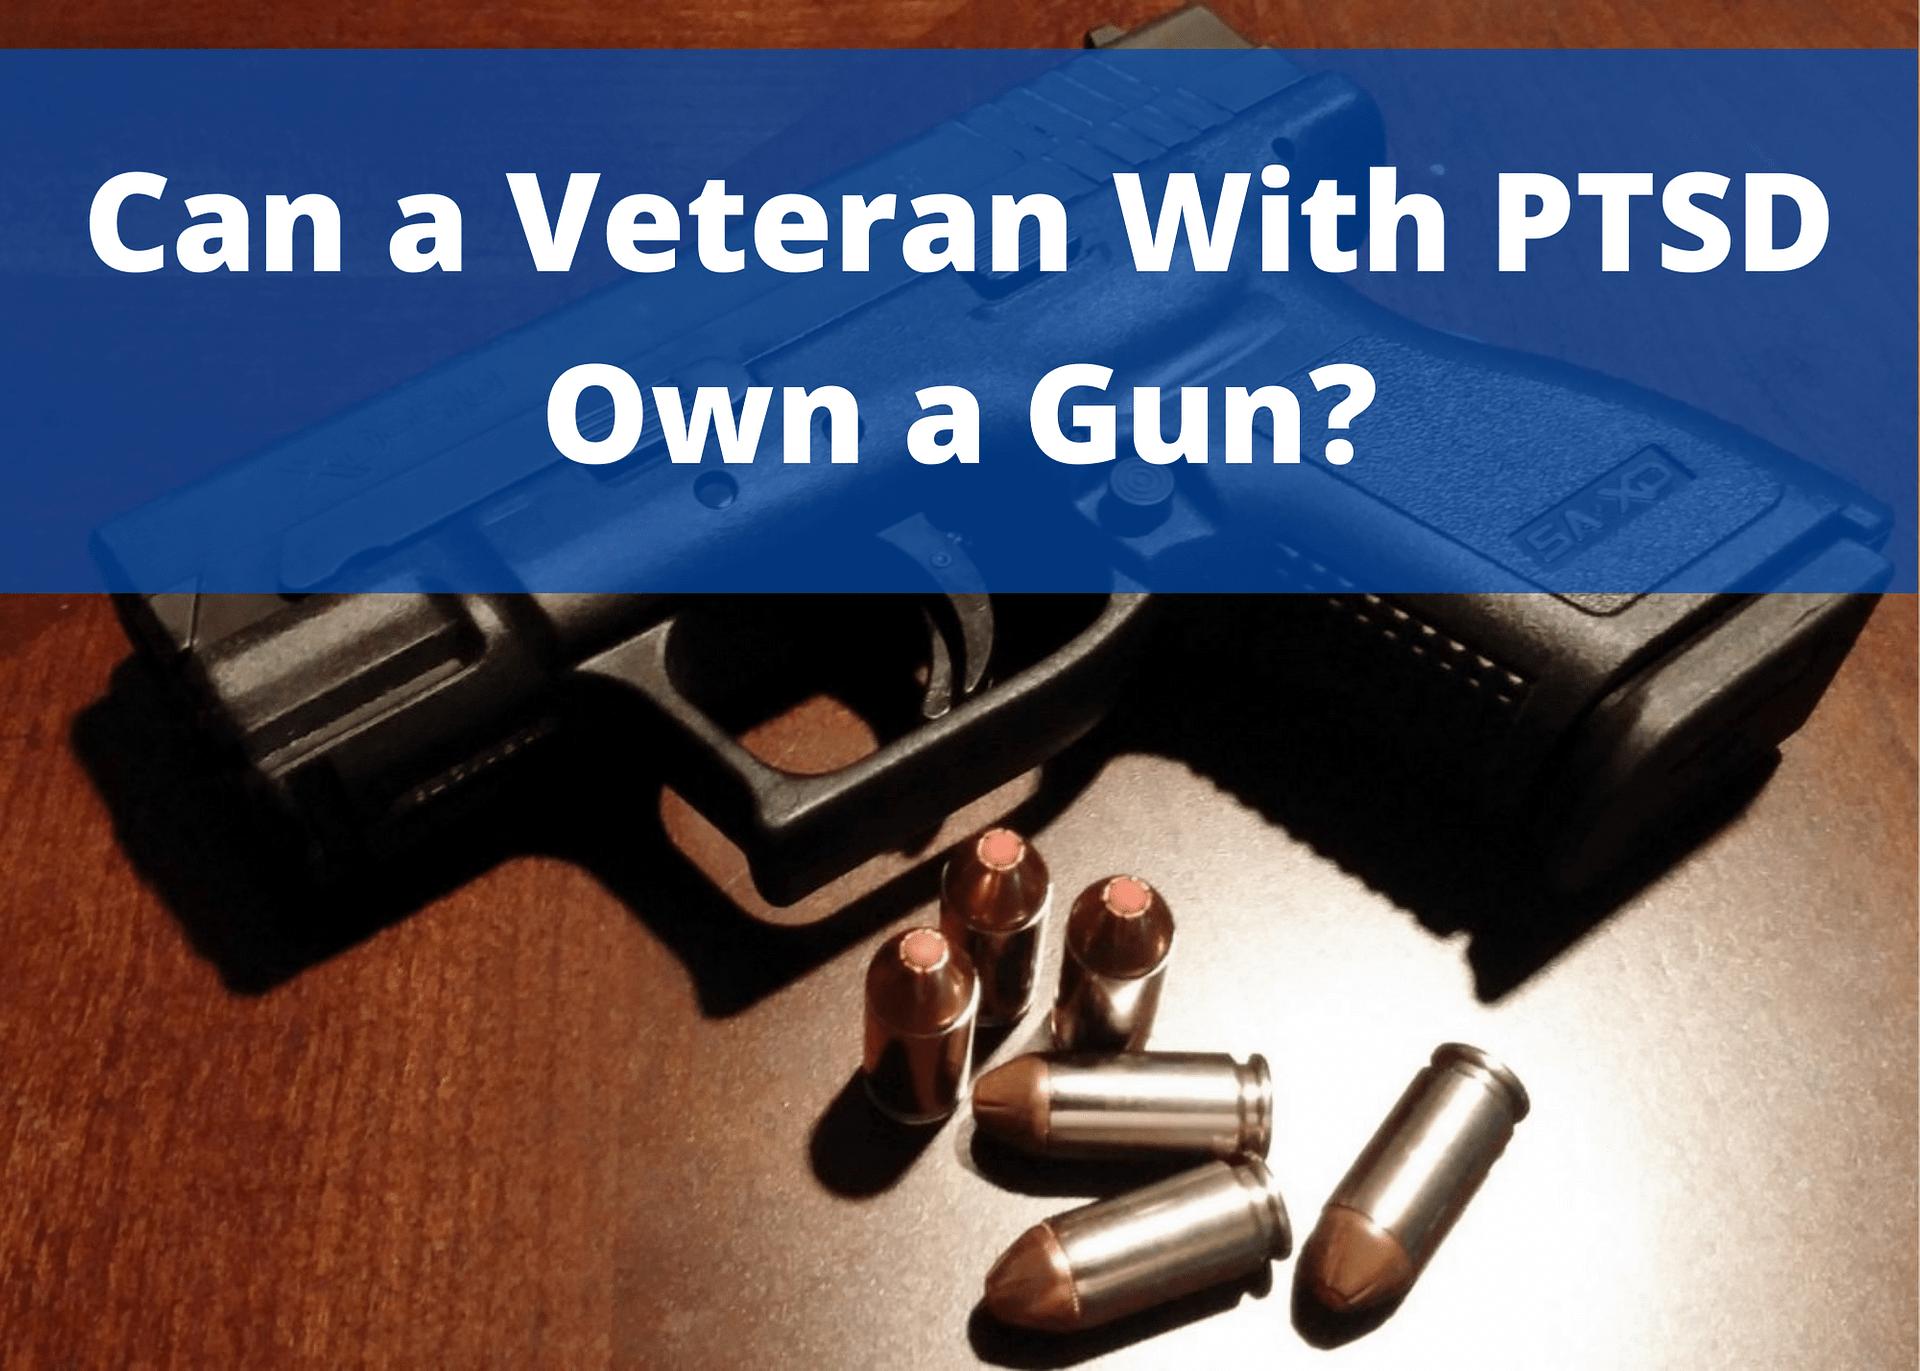 Can a Veteran With PTSD Own a Gun?